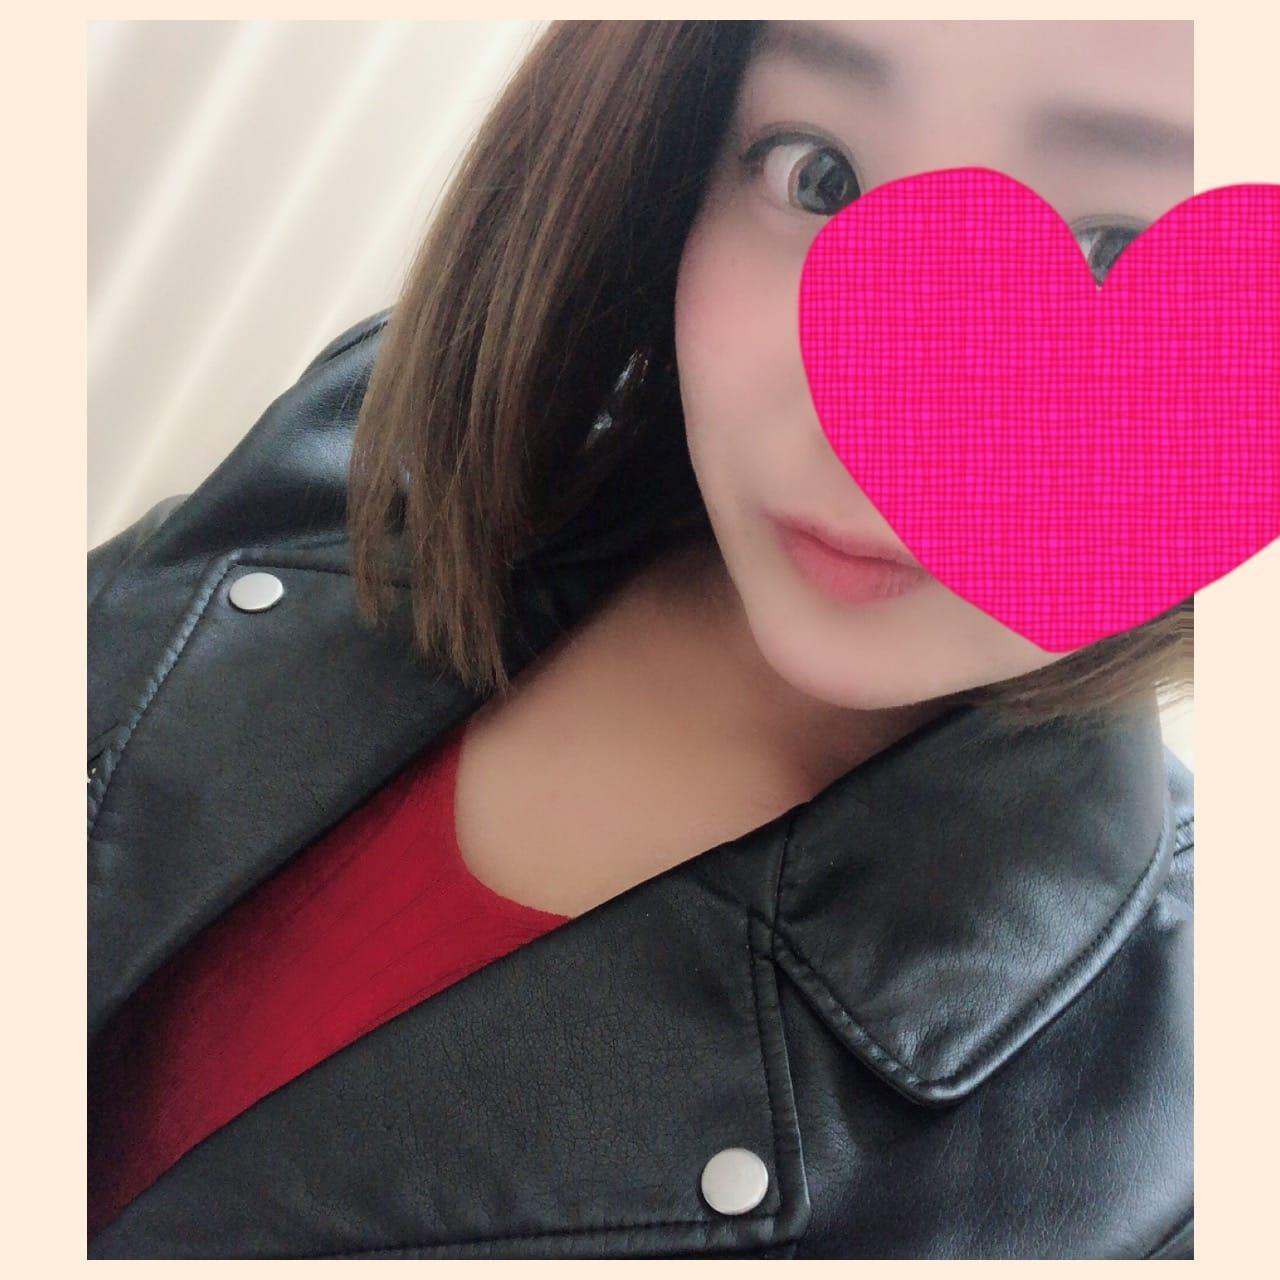 「レナです」04/17(火) 21:20 | レナの写メ・風俗動画